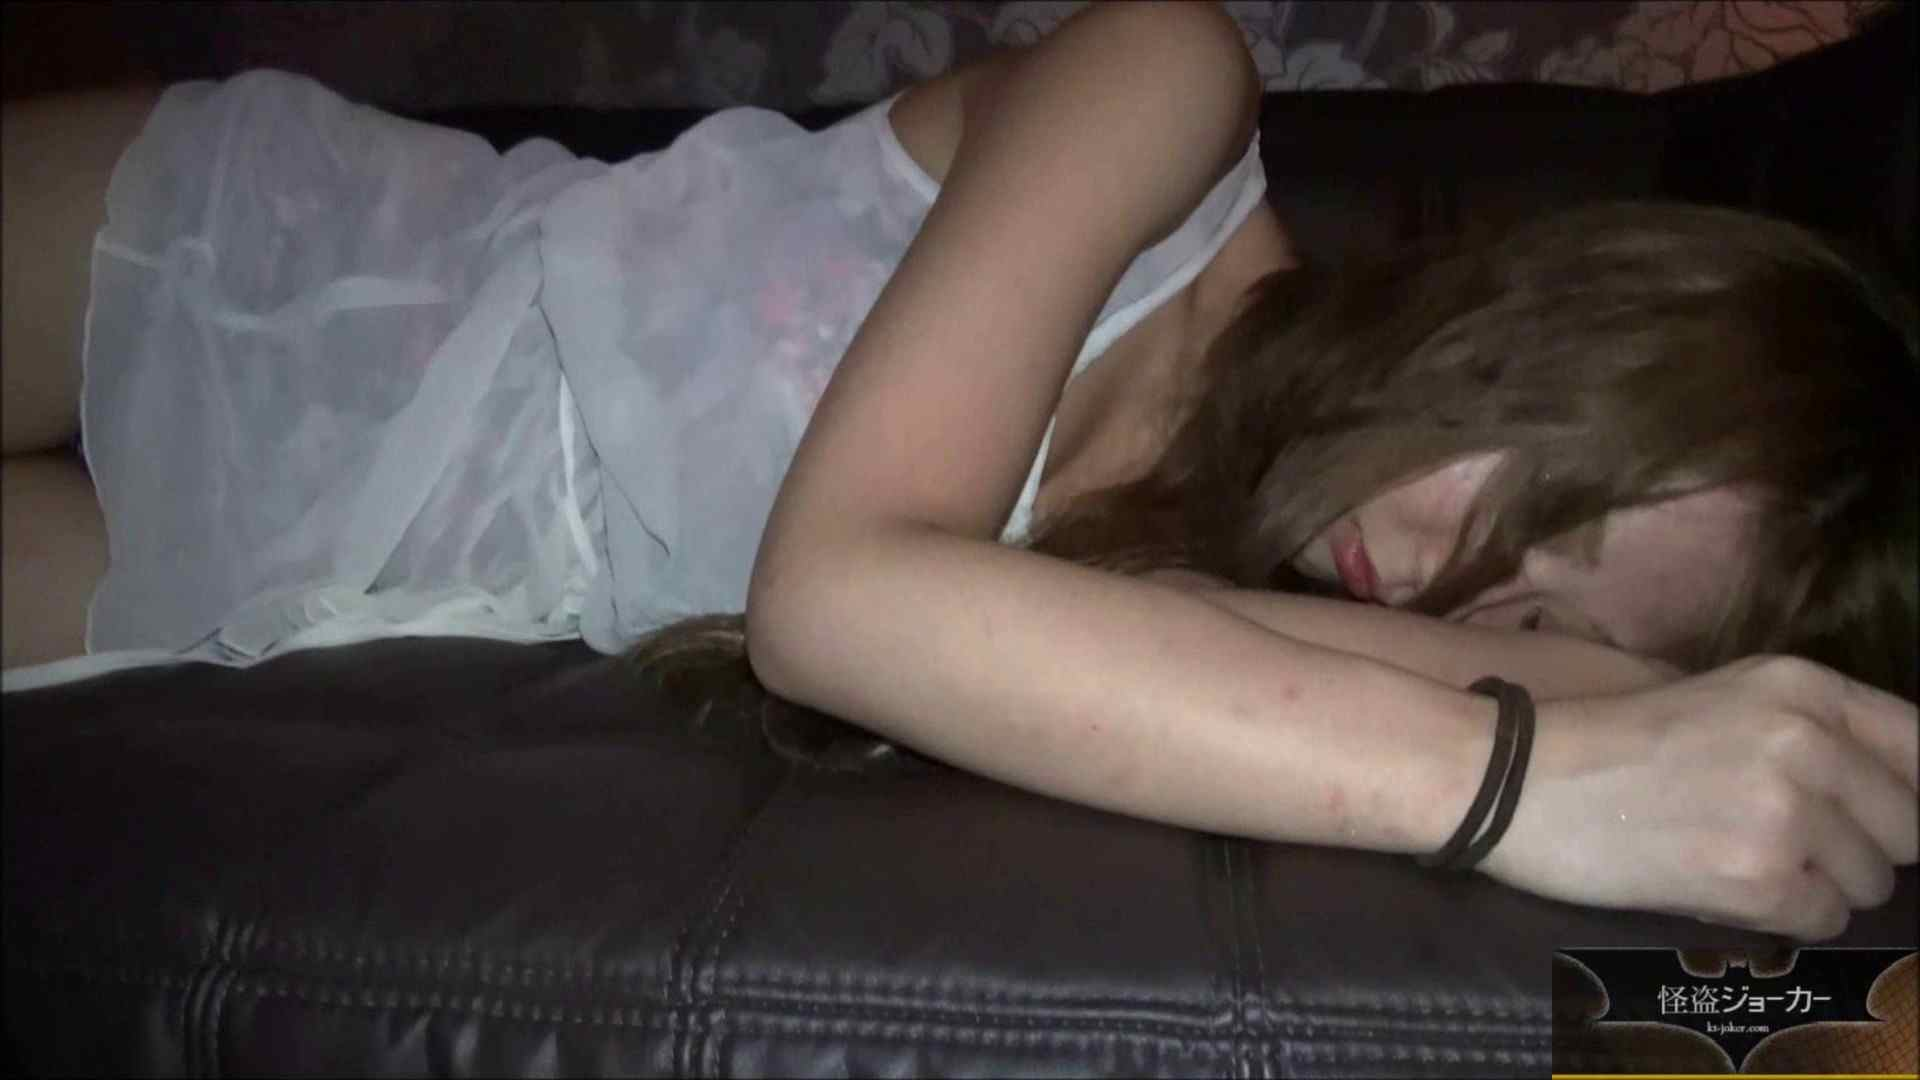 【未公開】vol.67 {隠れFカップ巨乳}美女美巨乳HCちゃん、登場。 ホテル   SEX  88画像 31